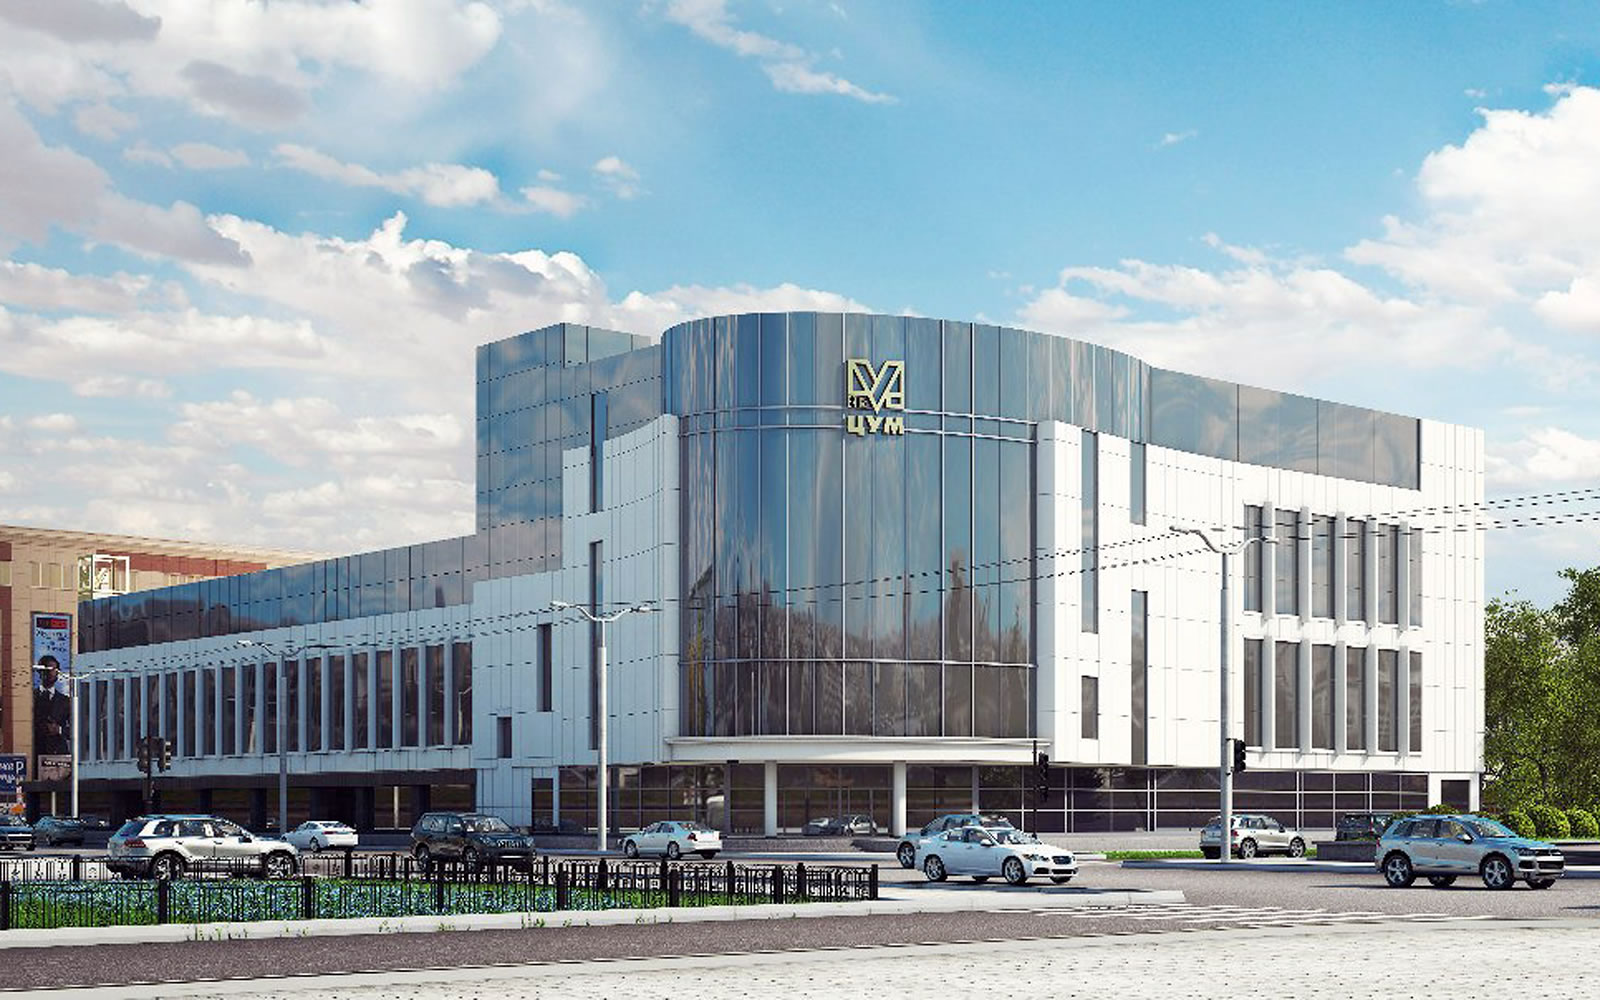 Визуализация фасада ТЦ «Вятка-ЦУМ» в Кирове